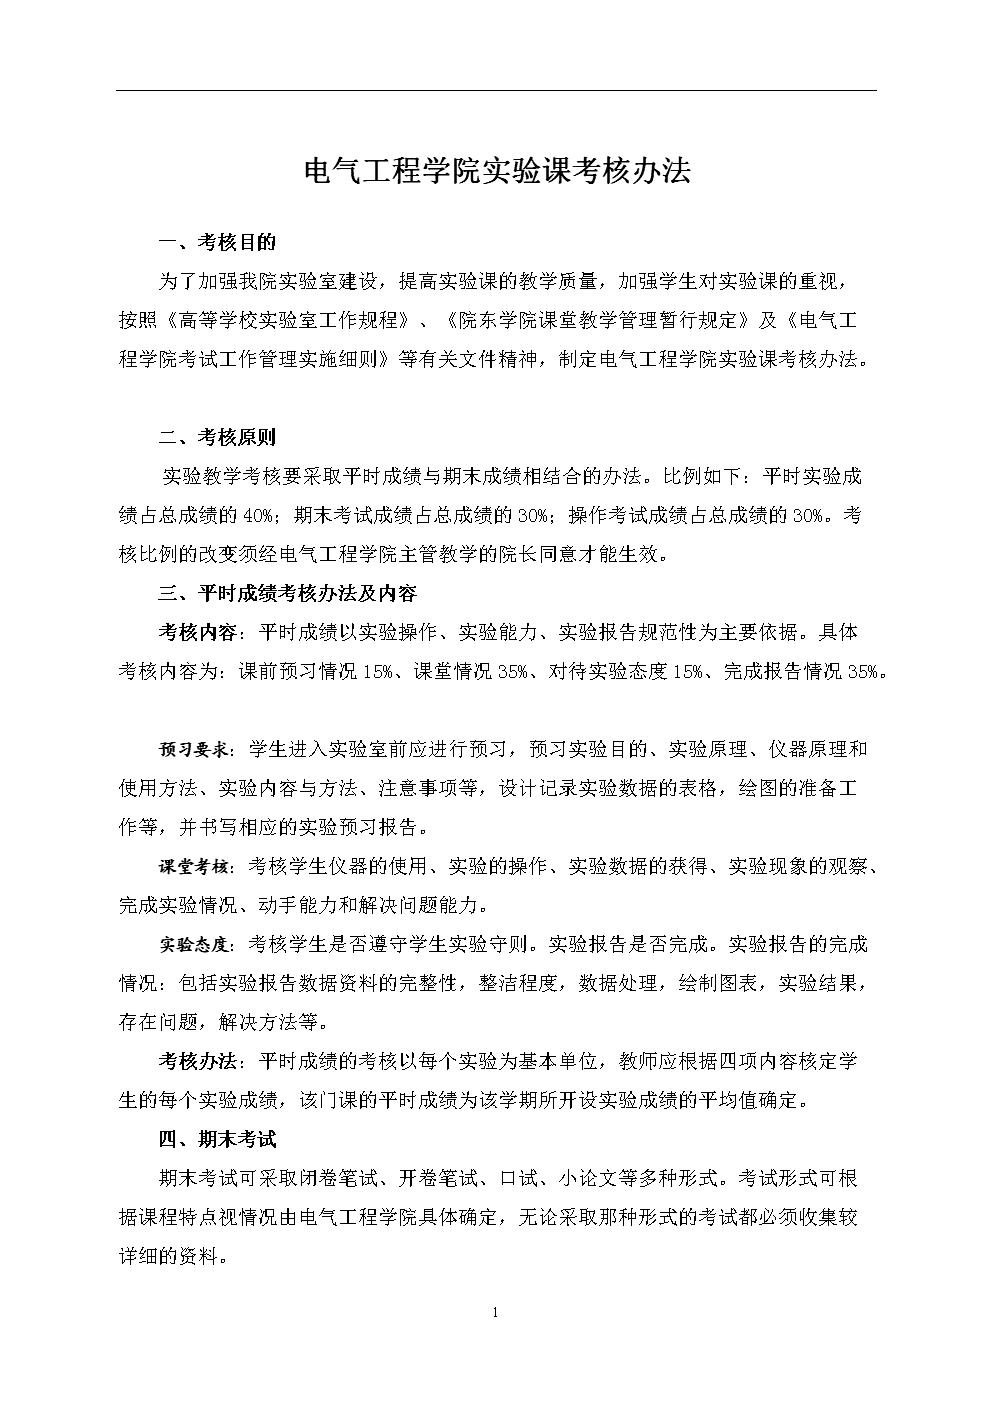 电气工程学院实验课考核办法模版.doc